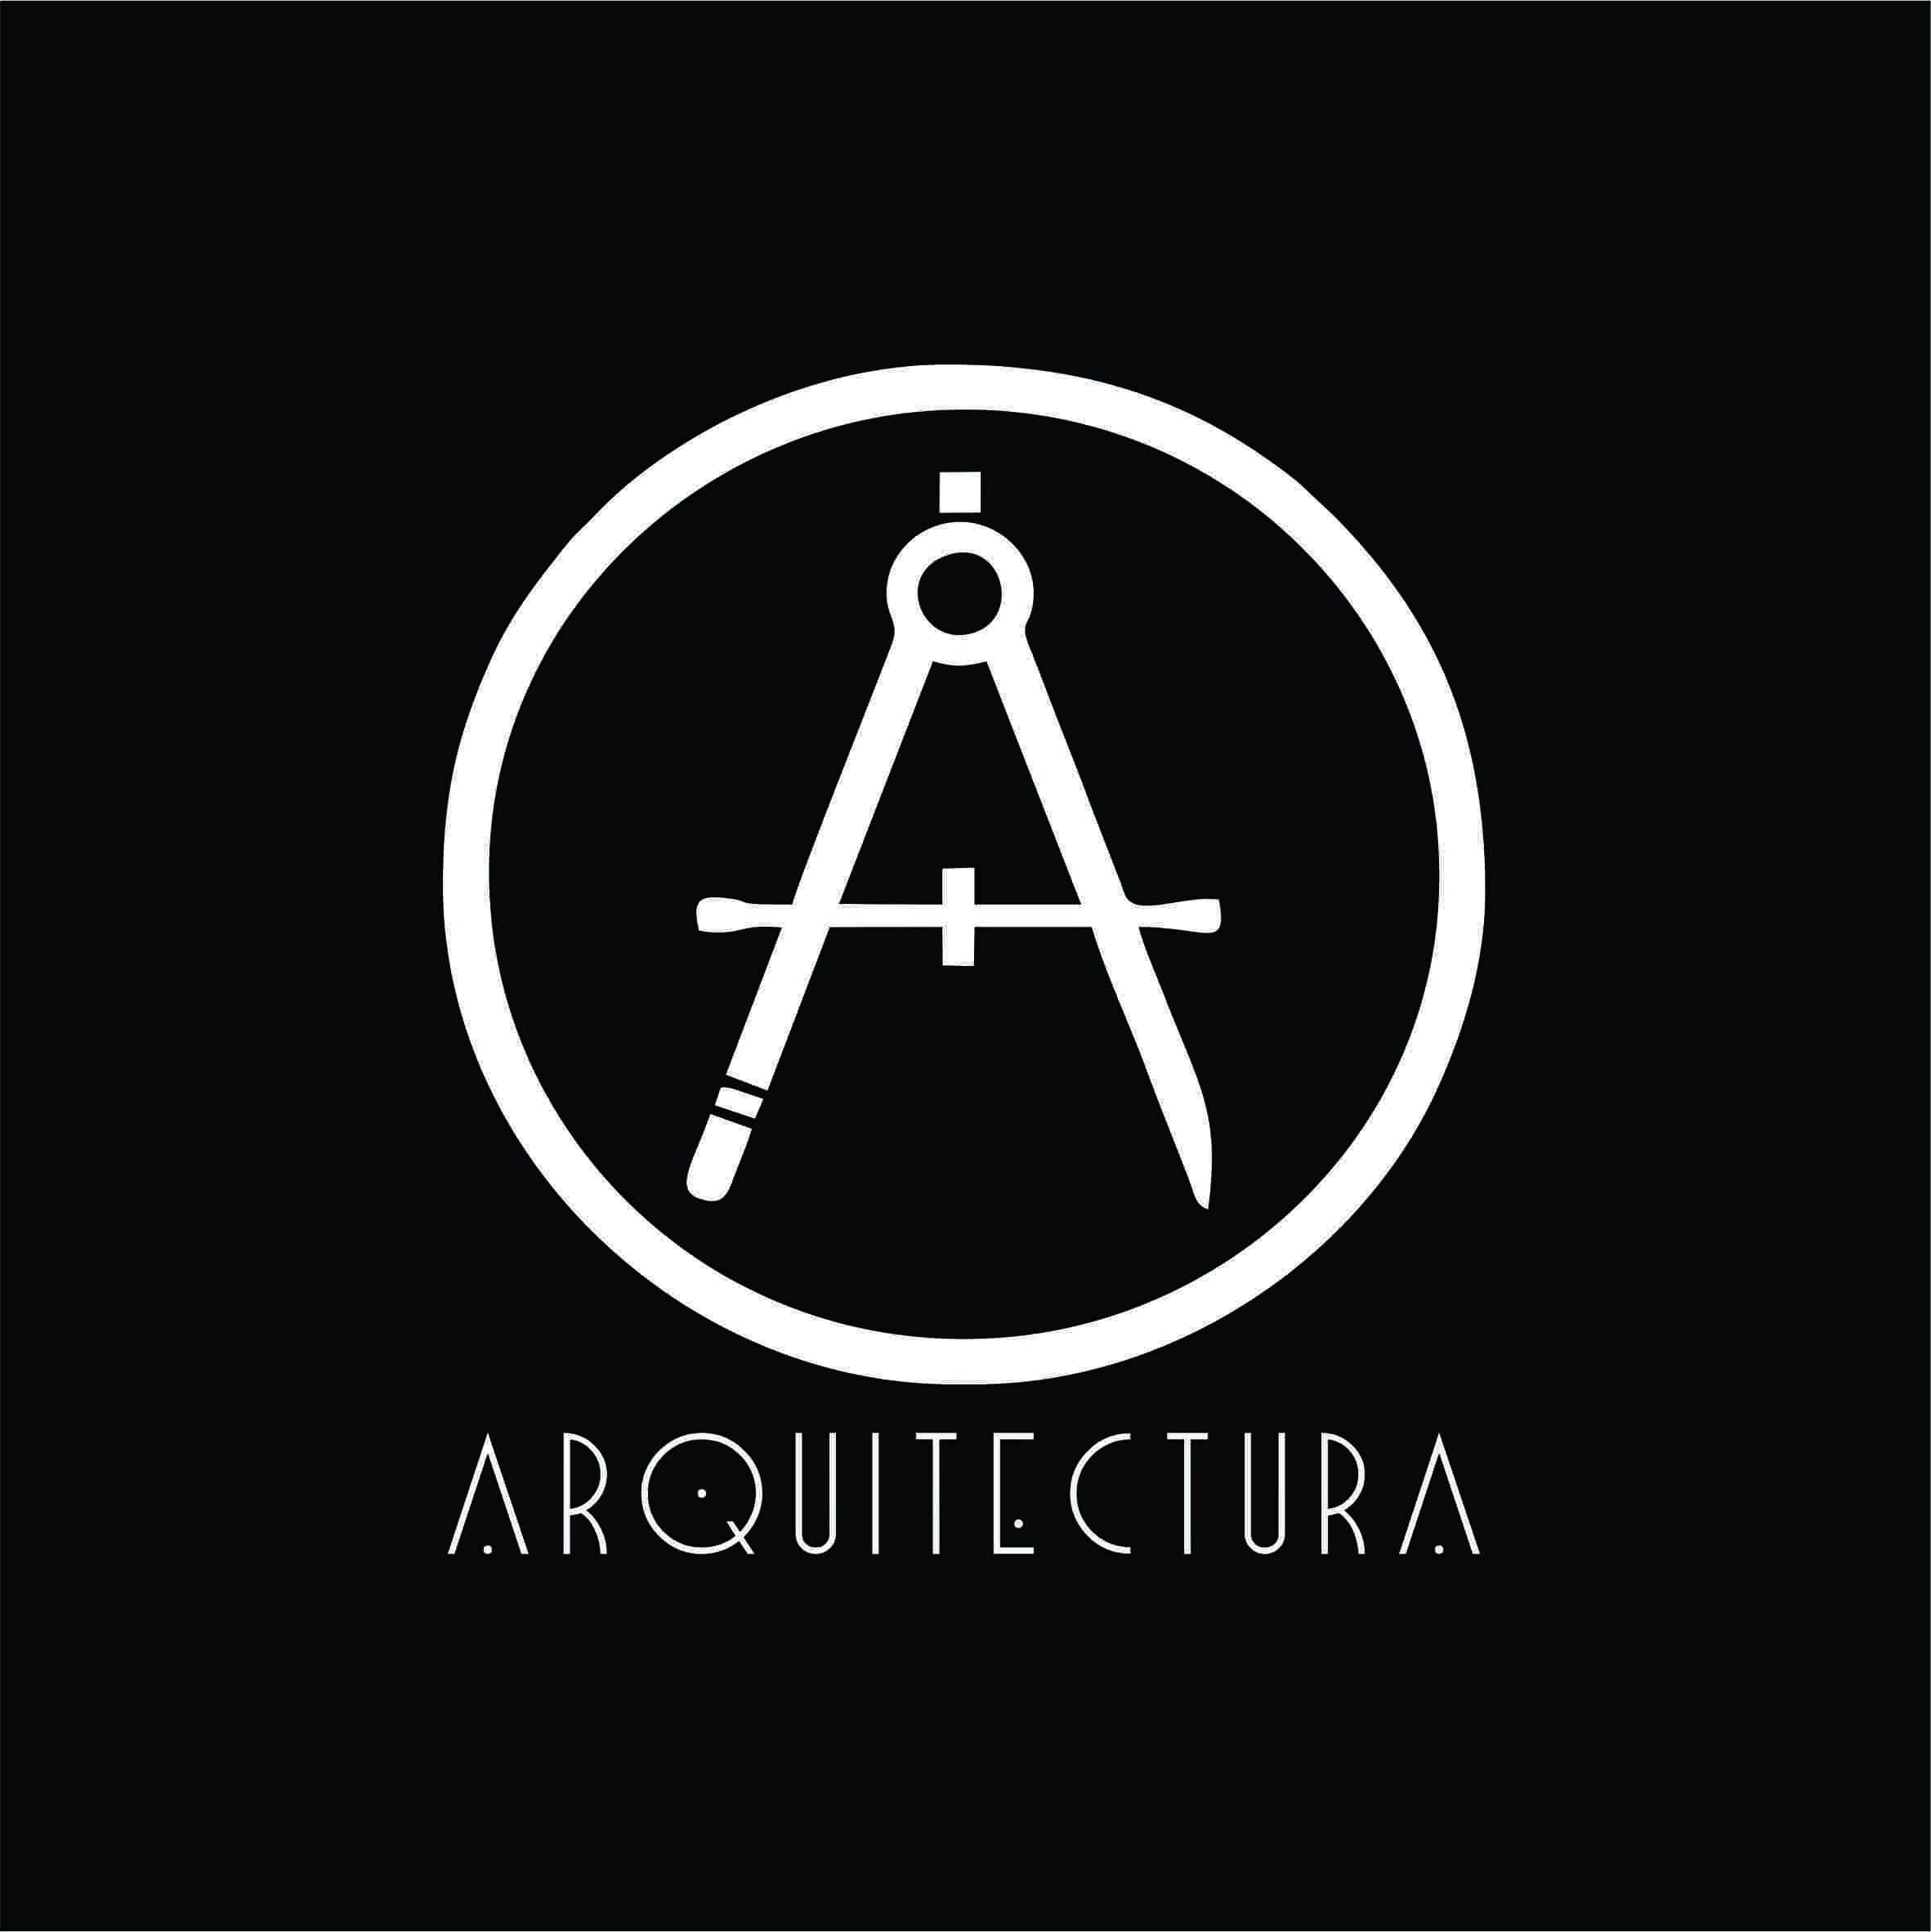 logo arquitectura arquitectura pinterest